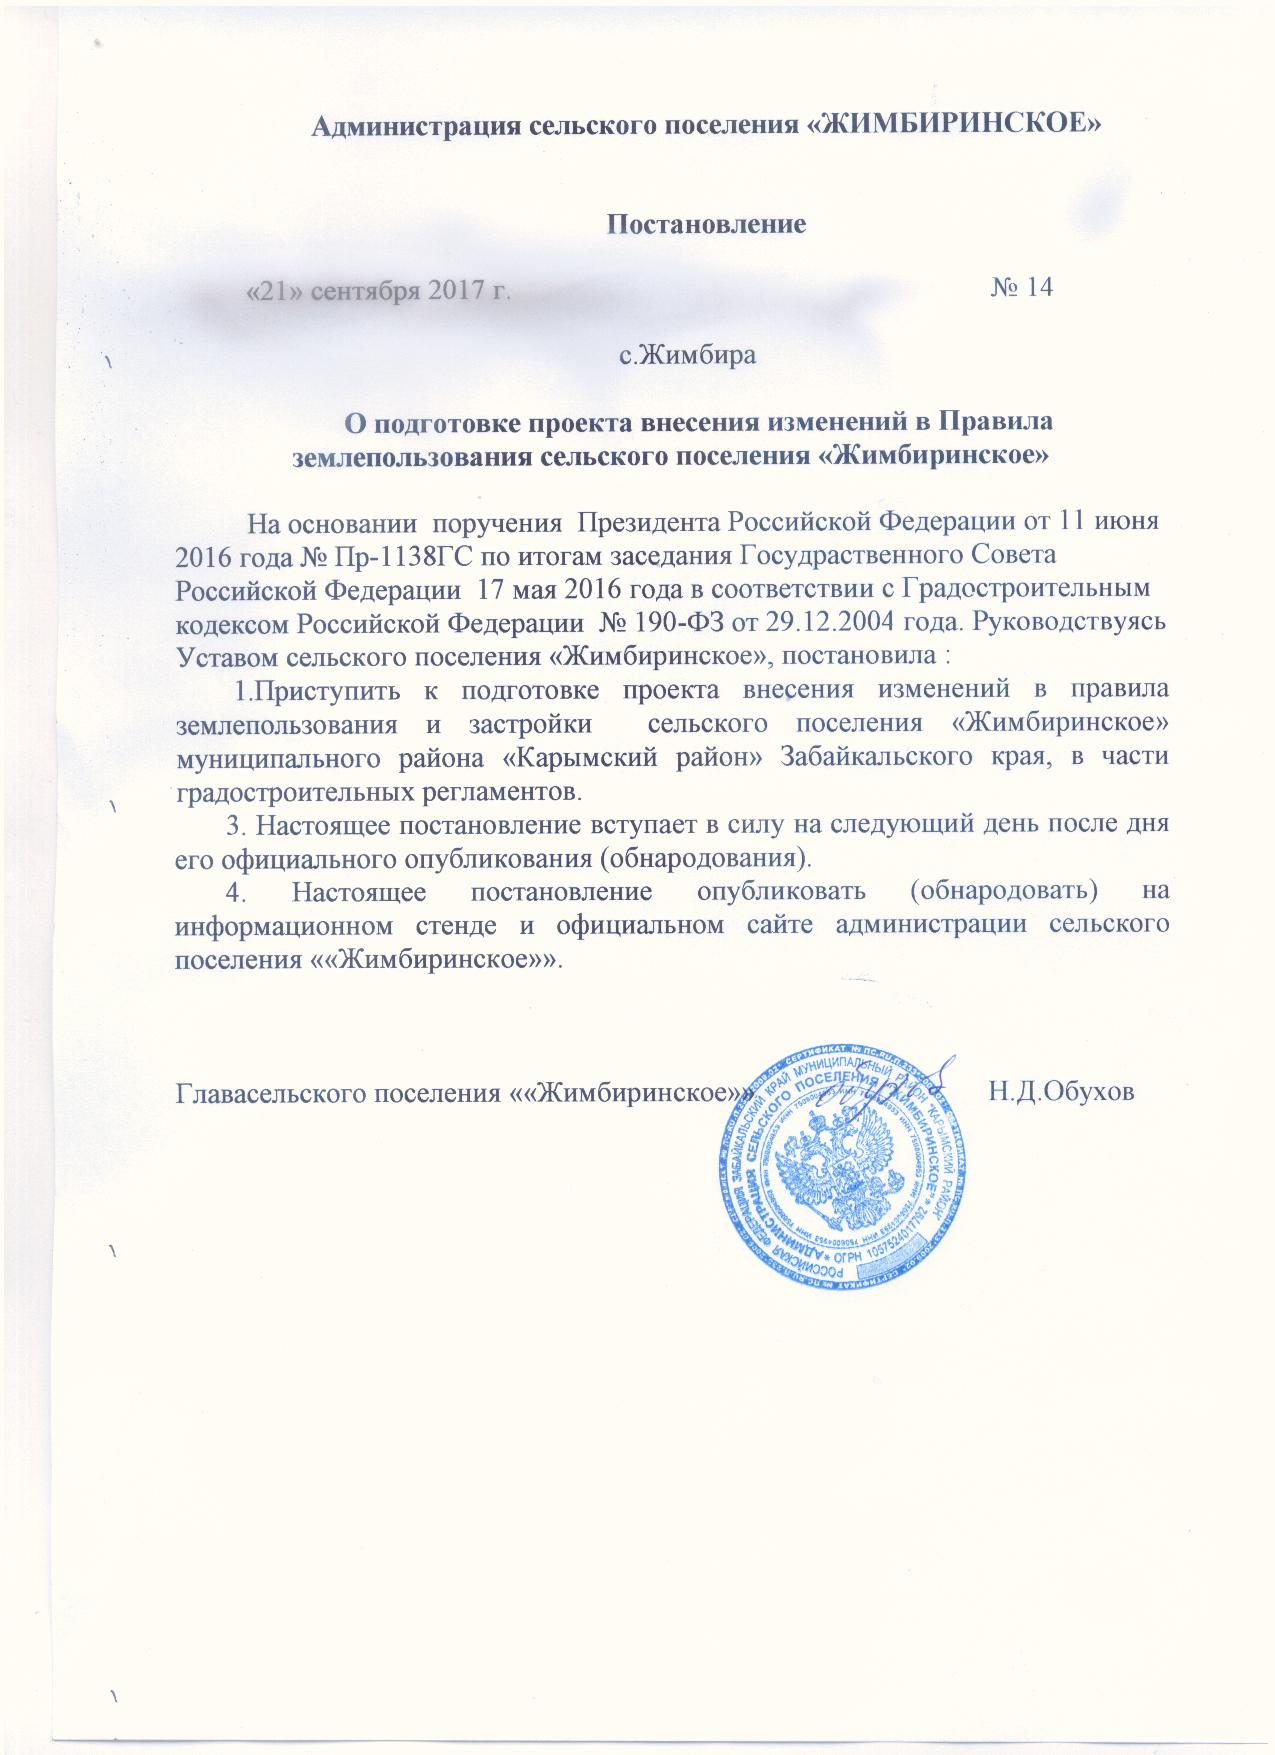 сп Жимбиринское внес изм в ПЗЗ